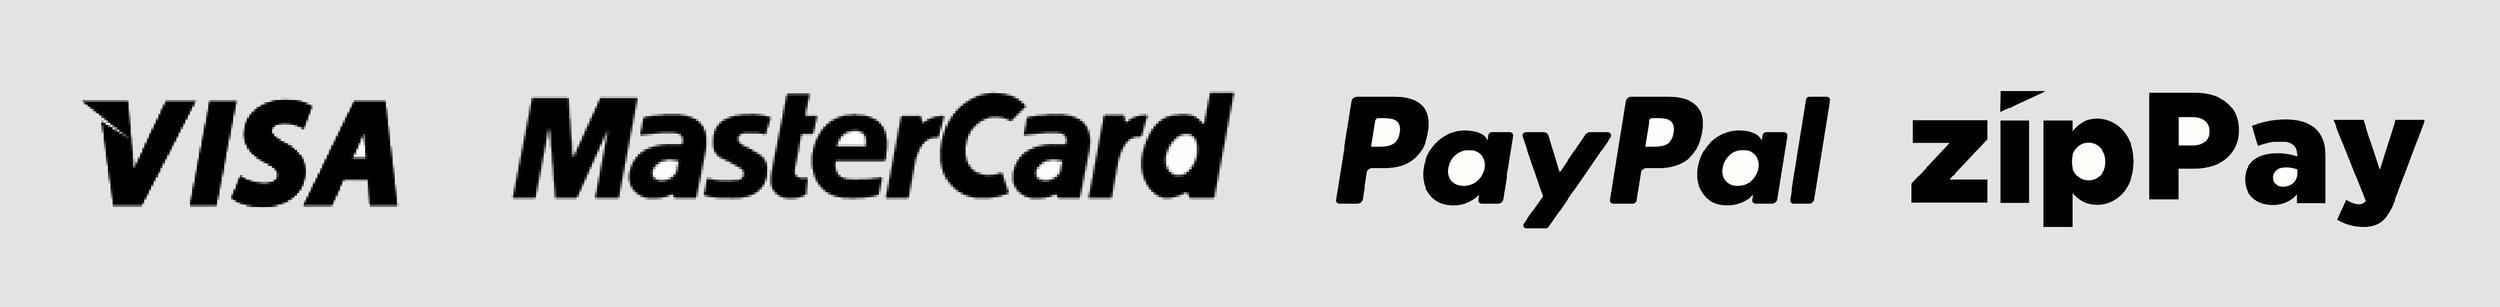 payment_logos_GREY.jpg